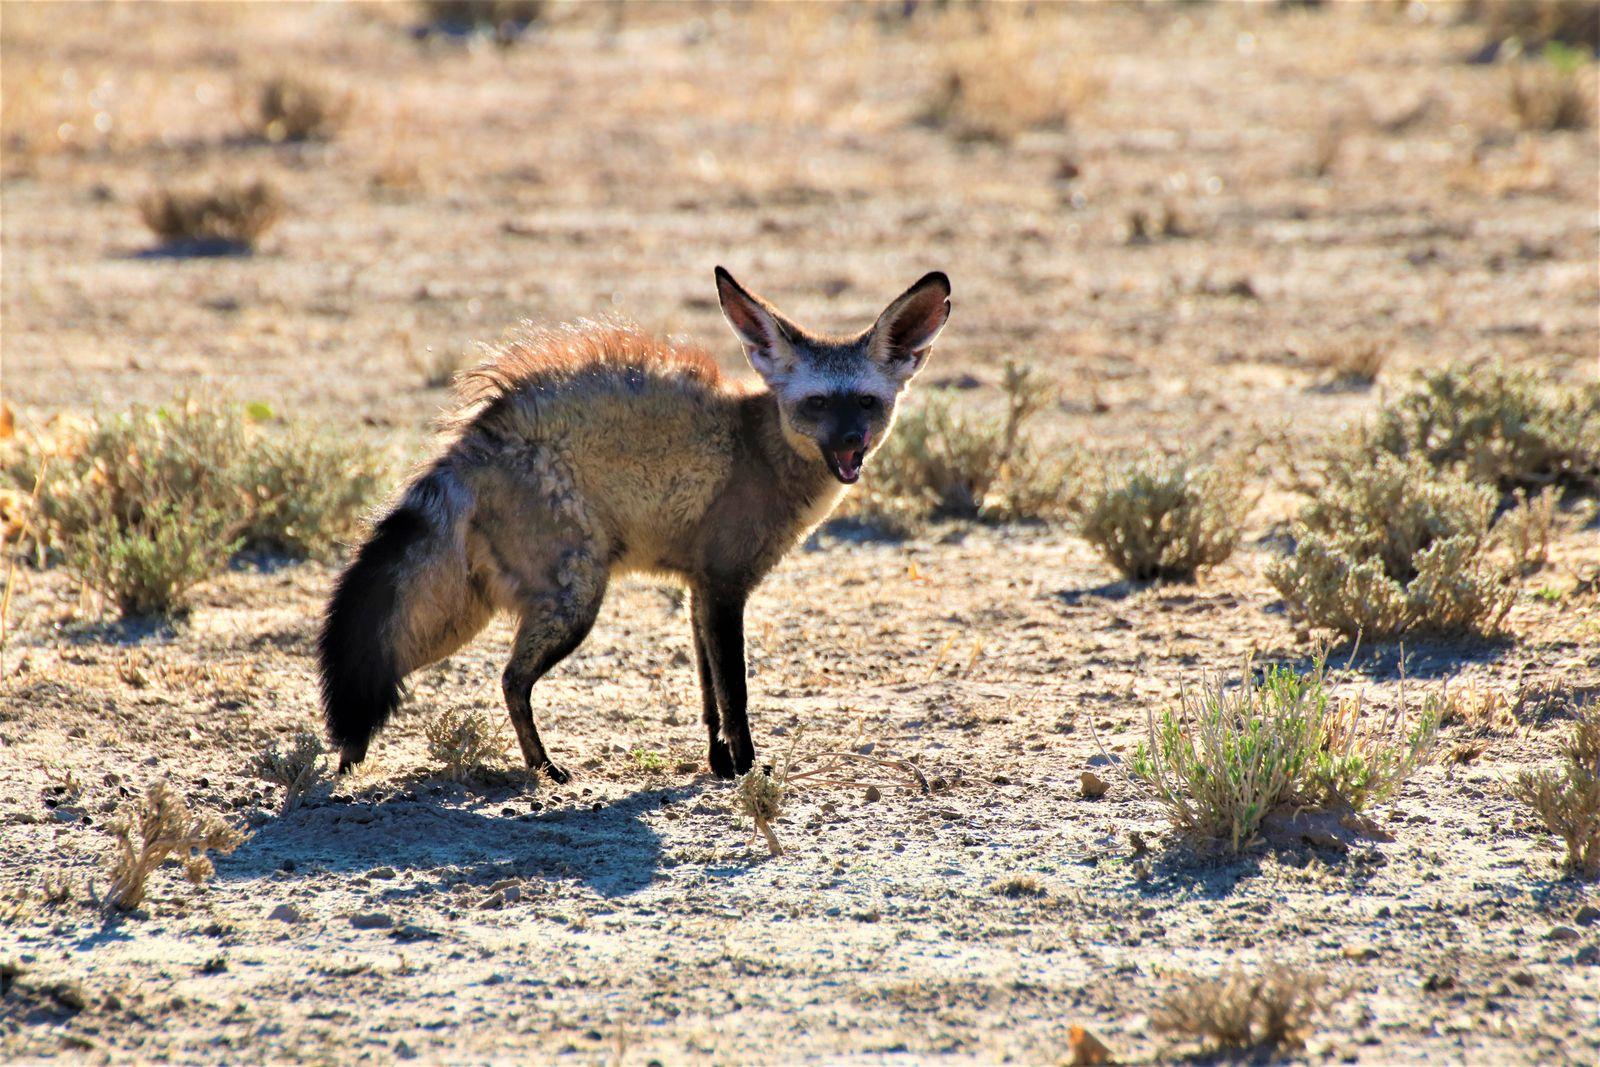 Kgalagadi bat eared fox